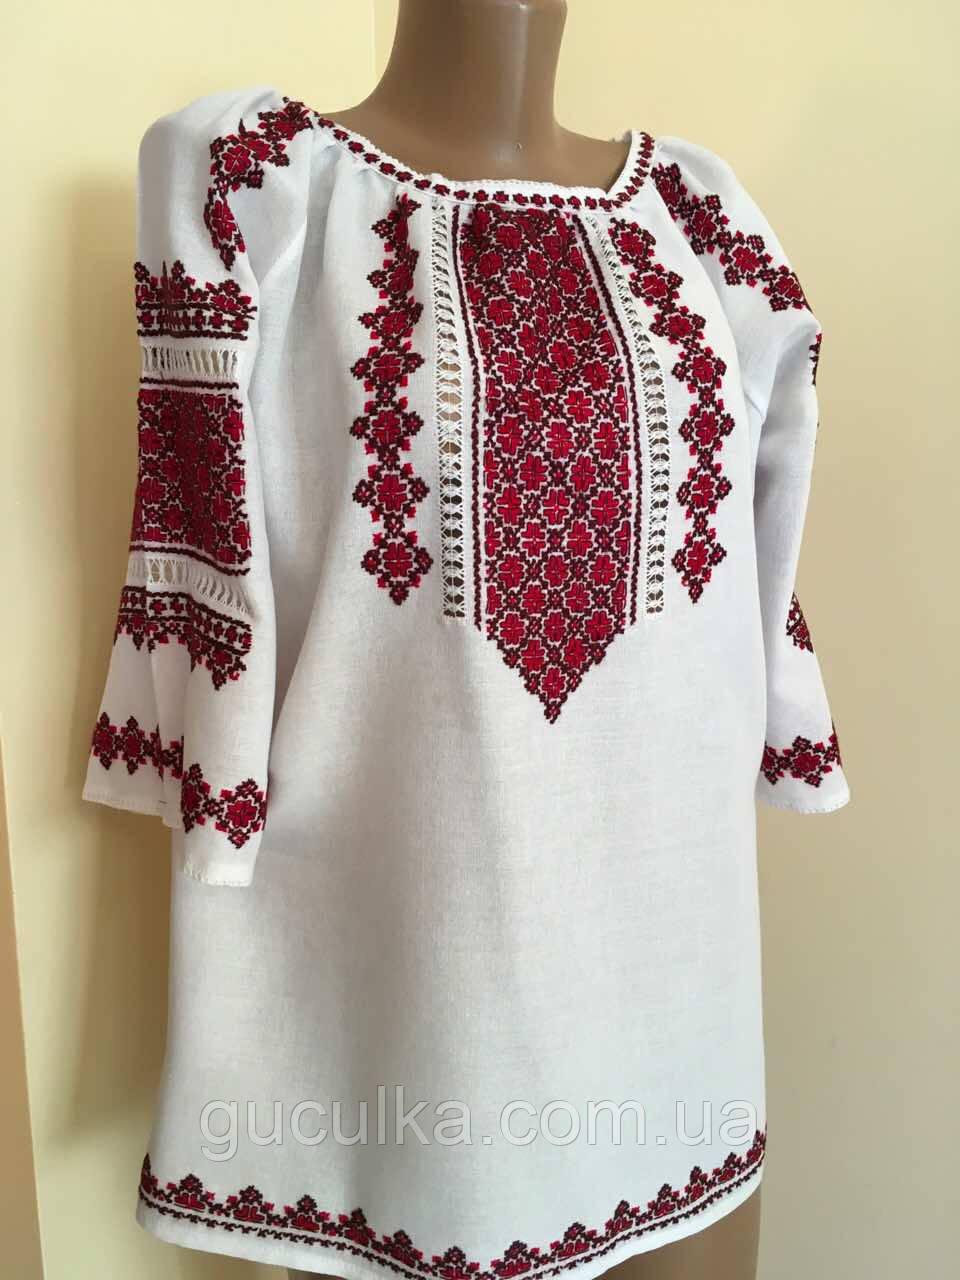 Вишита сорочка жіноча ручної роботи розмір 50 (2ХL) - Інтернет-магазин